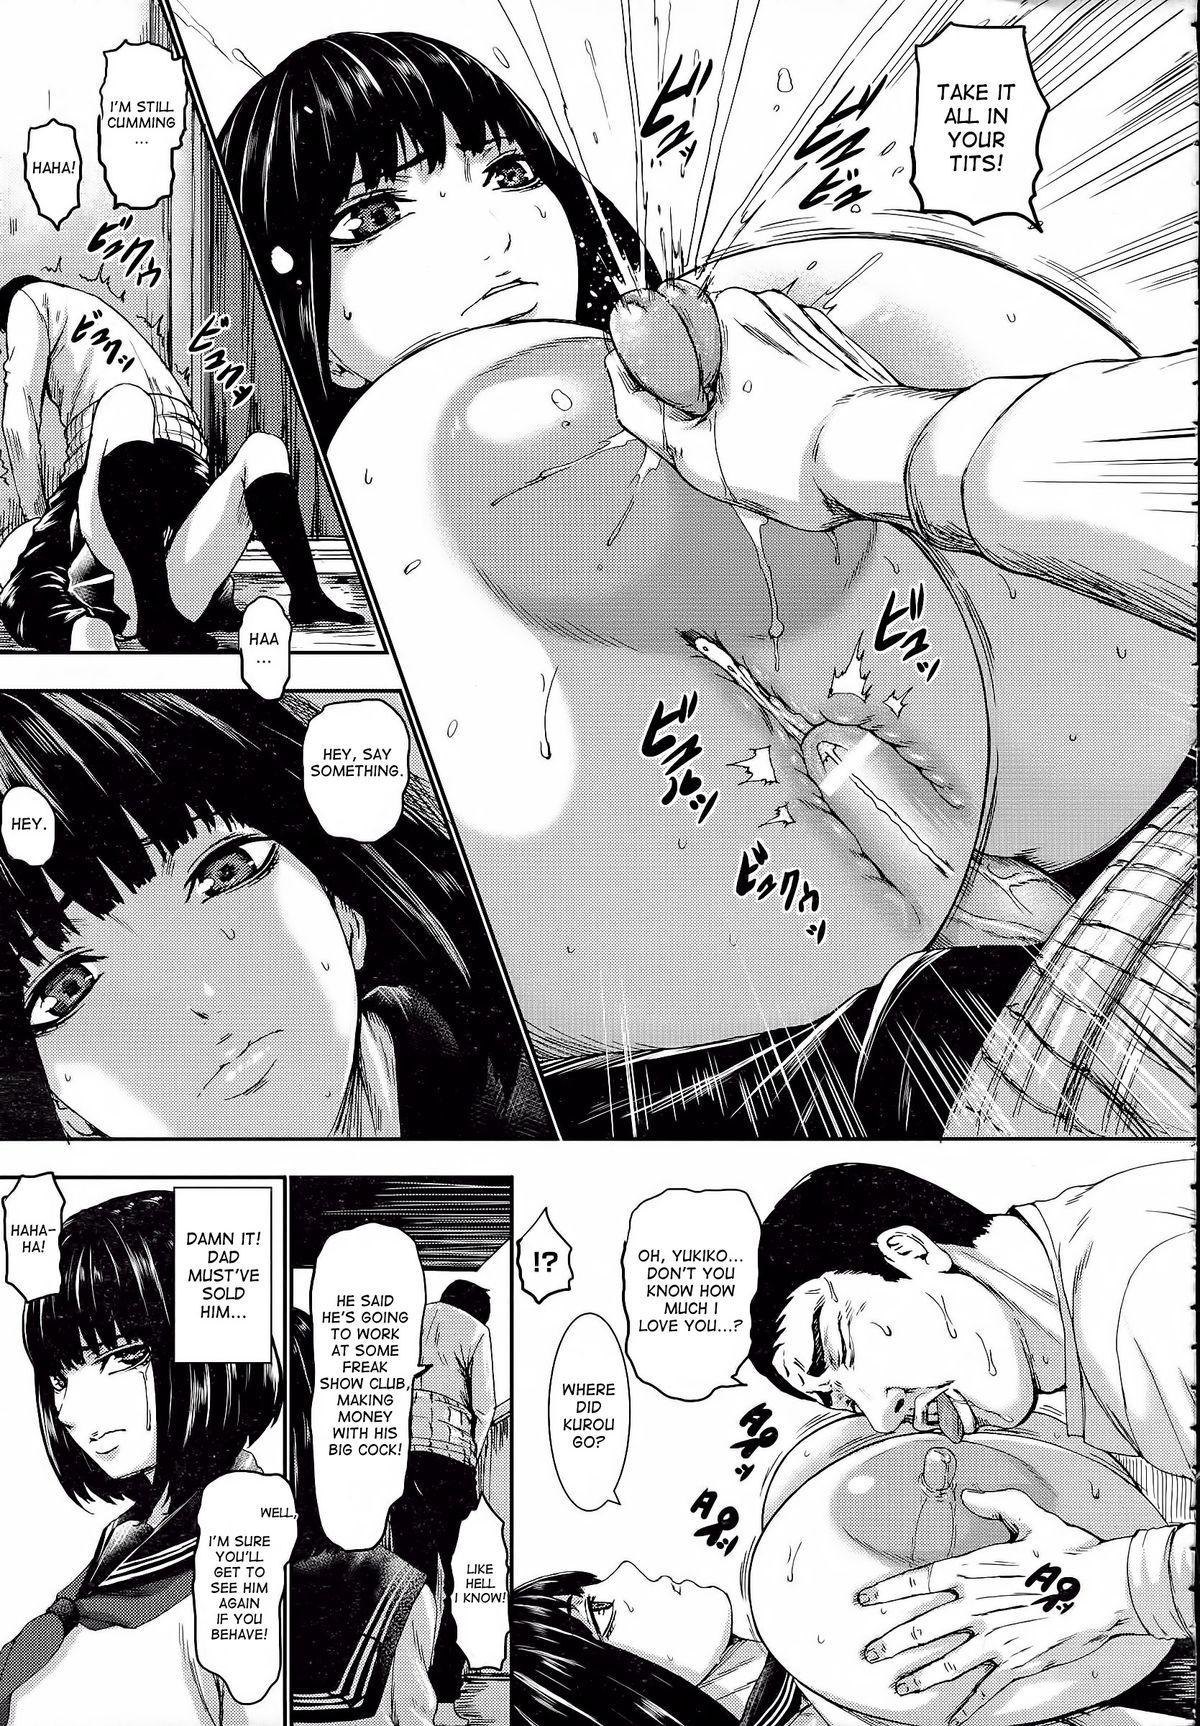 [PIero] Kuroyuki ~Inniku Sakunyuu Jigoku~ Kouhen | Black Snow ~The Depraved Cow-milking Hell~ part 2 (ANGEL Club 2015-05) [English] [desudesu] 8